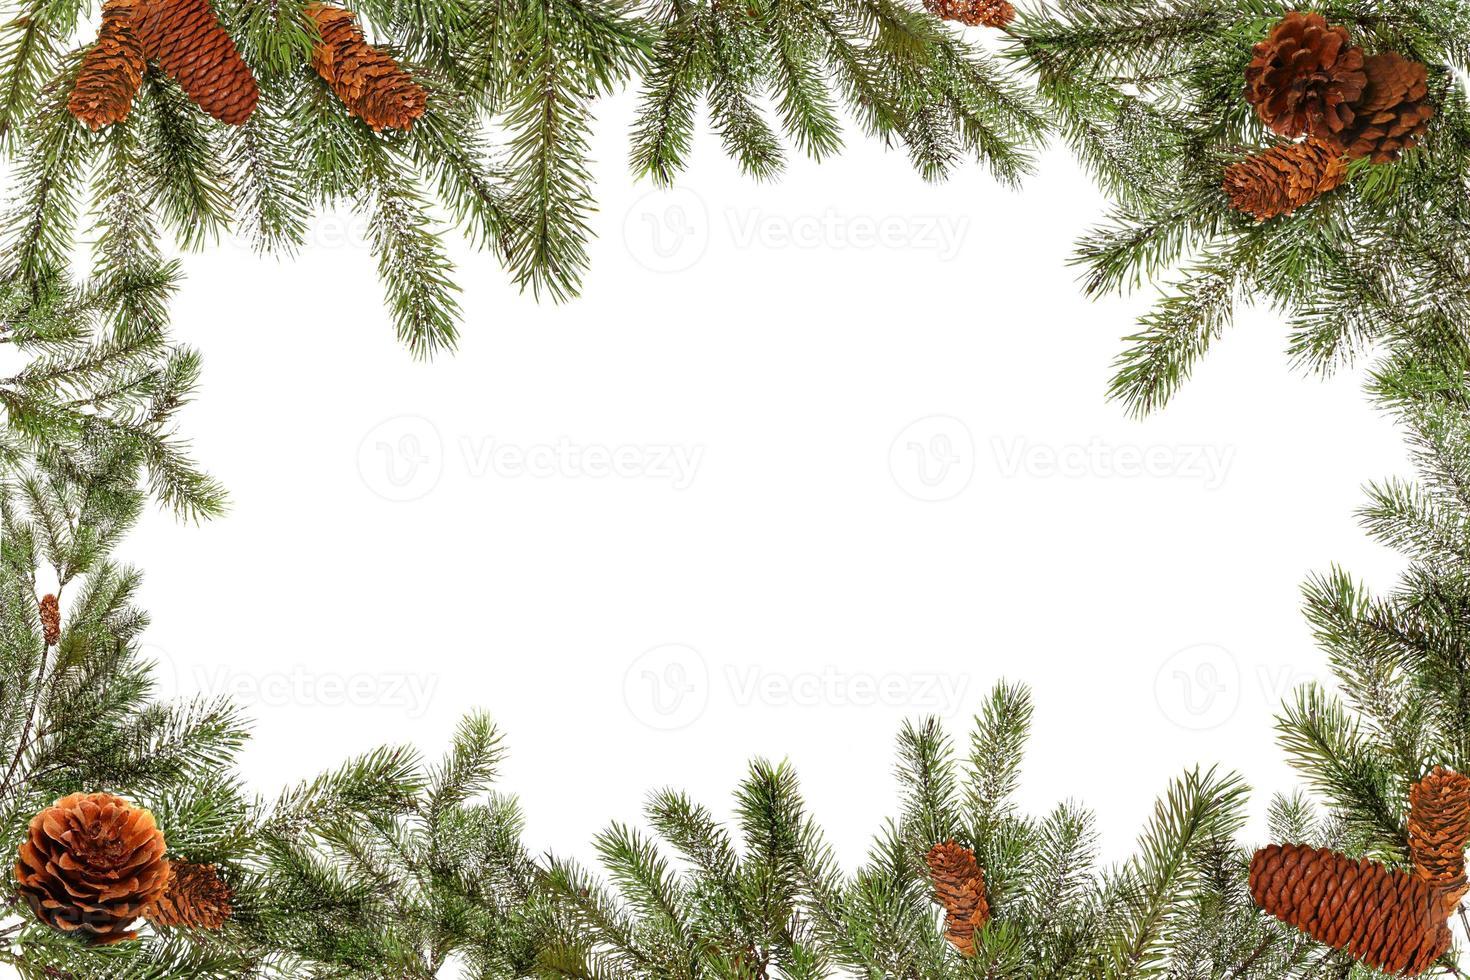 gröna trädgrenar och pinecones på en vit bakgrund foto